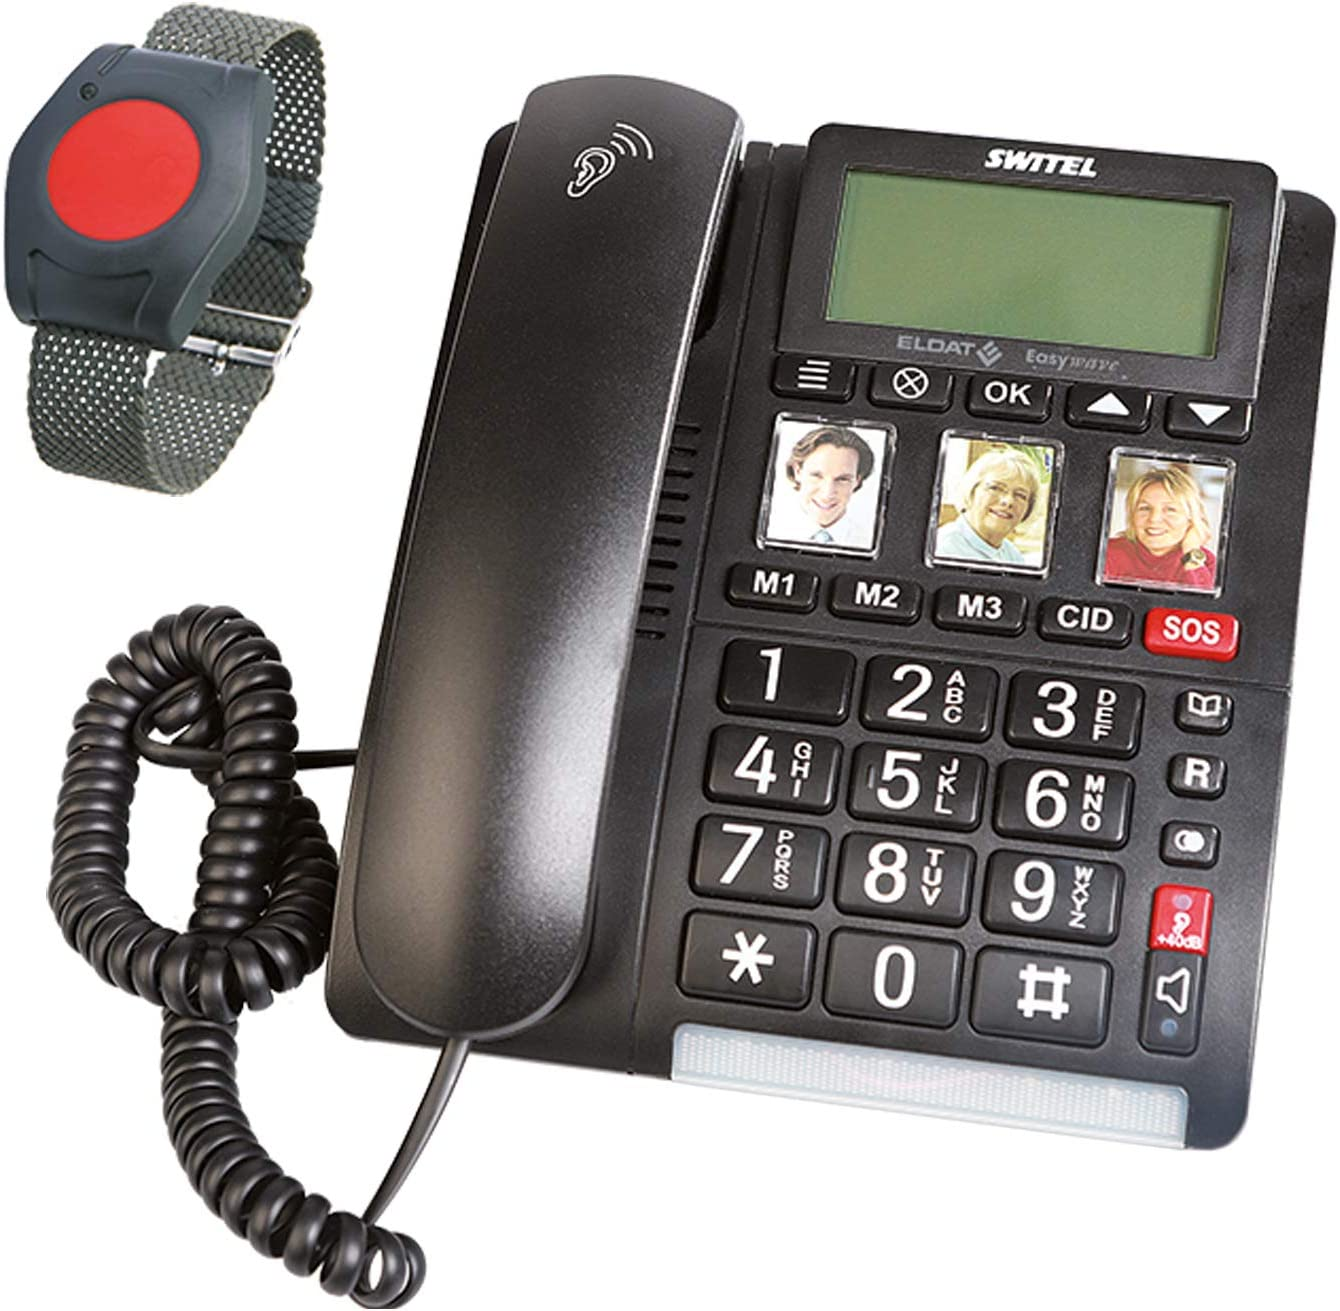 Eldat Easywave Apf01 Hausnotruf Telefon Mit Notruf Elektronik